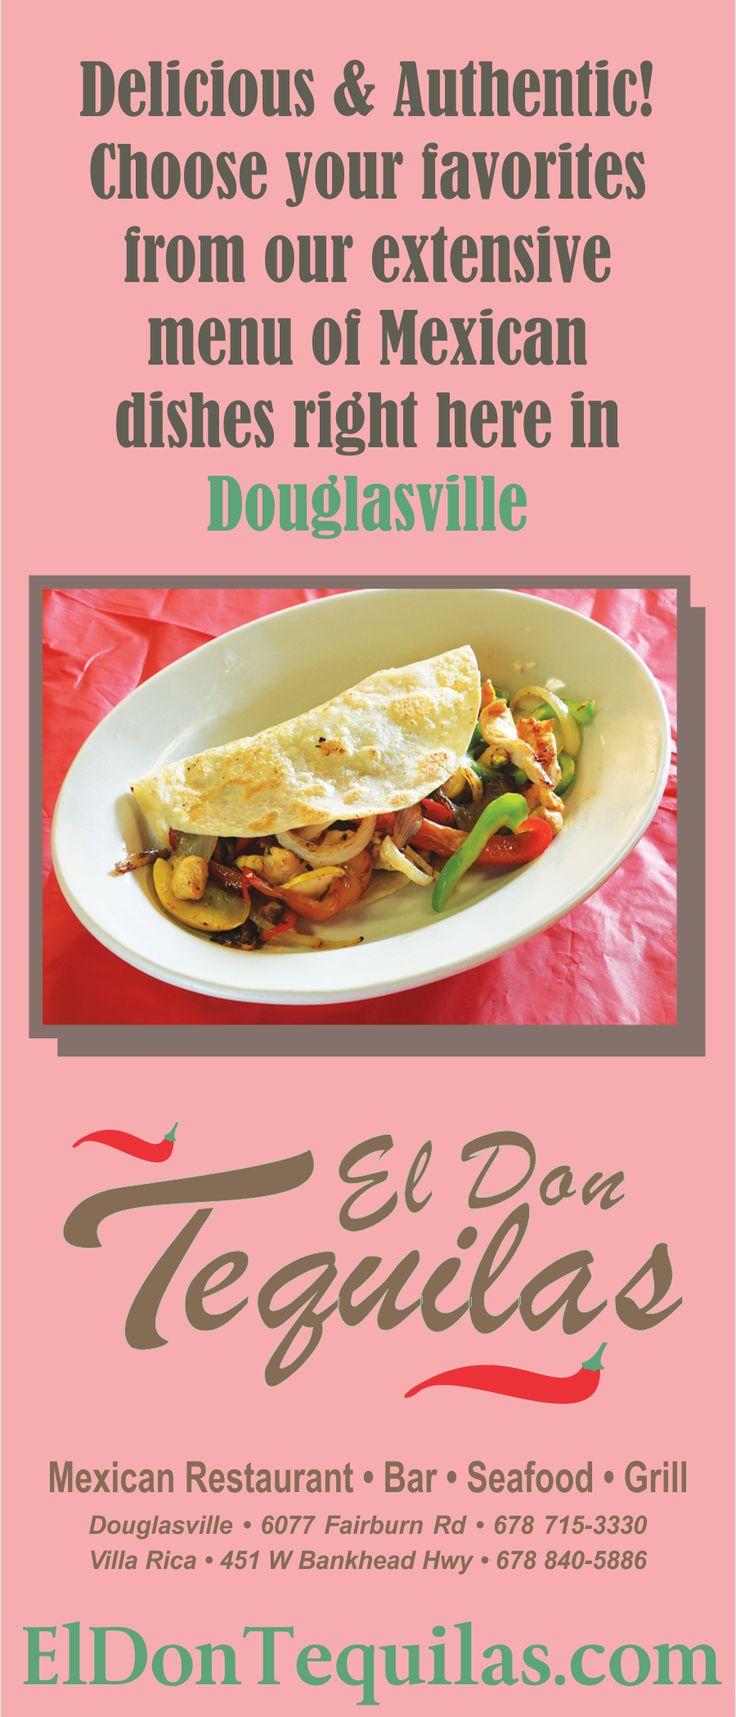 El Don Tequilas Mexican Restaurant Of Douglasville Ga